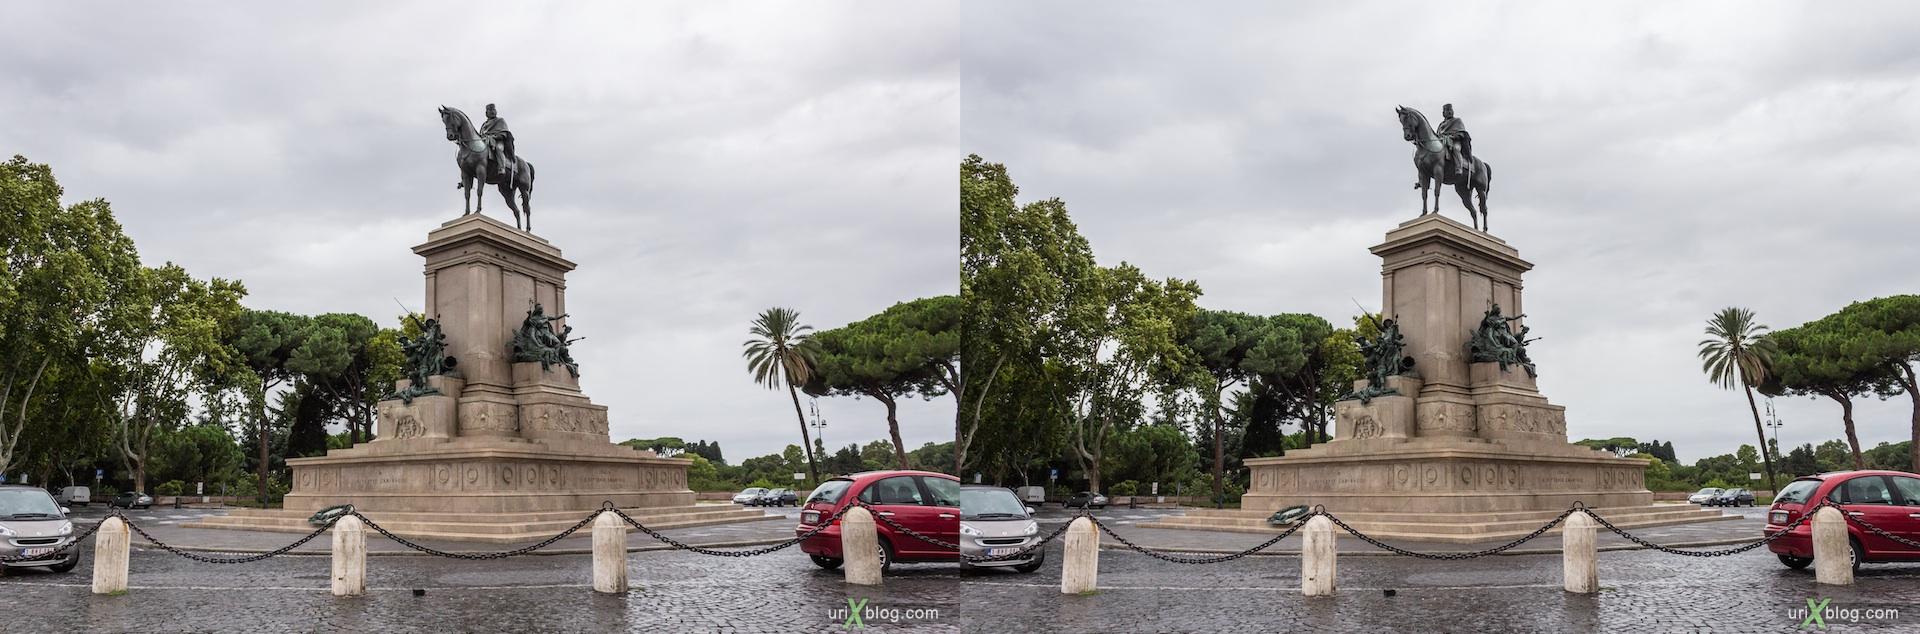 2012, Garibaldi square, Garibaldi statue, horse, Rome, Italy, Europe, 3D, stereo pair, cross-eyed, crossview, cross view stereo pair